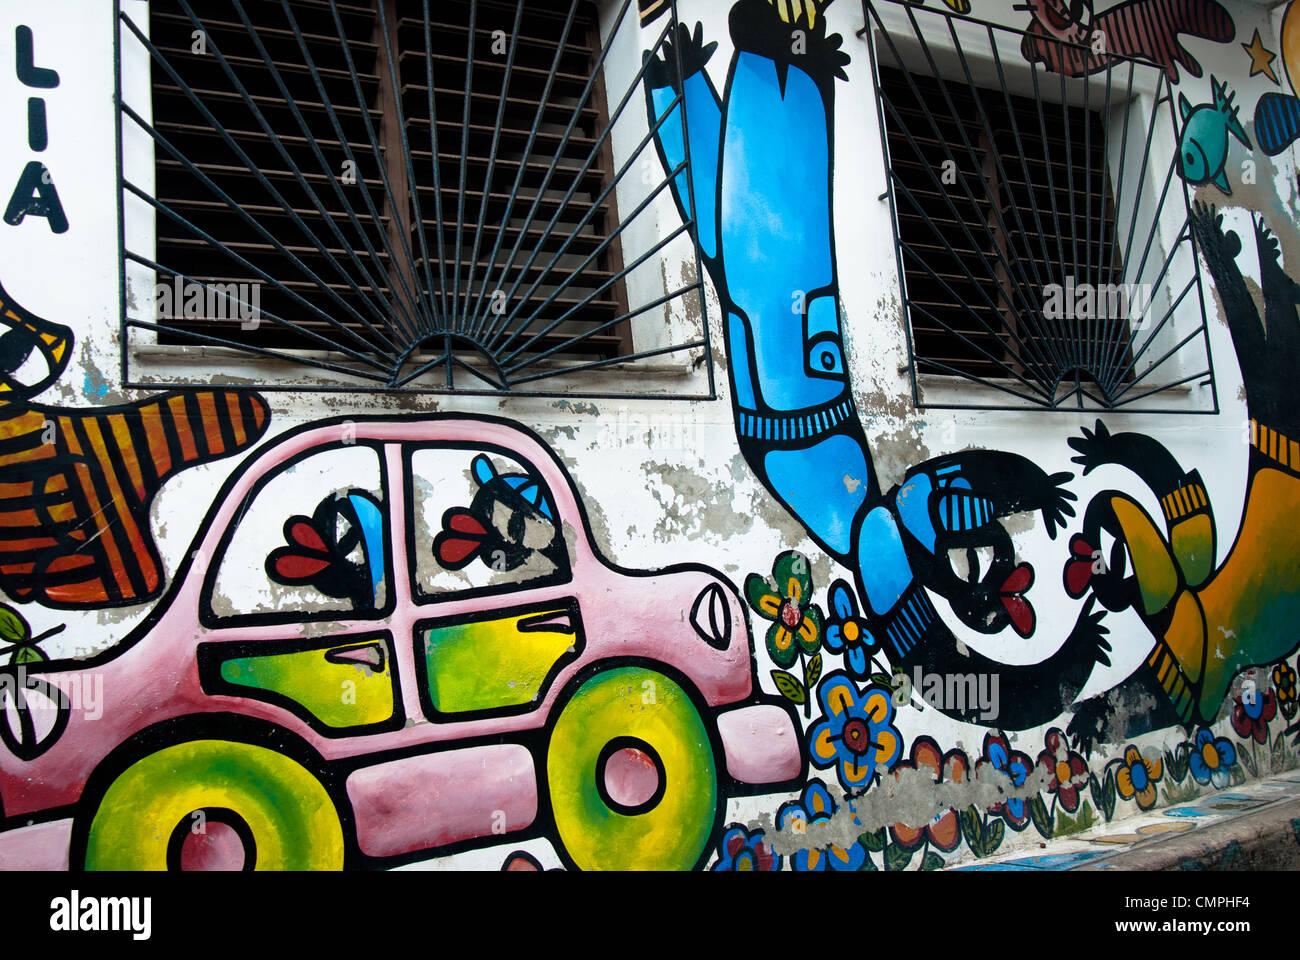 Painted/ graffiti walls in Camaguey, Cuba Stock Photo